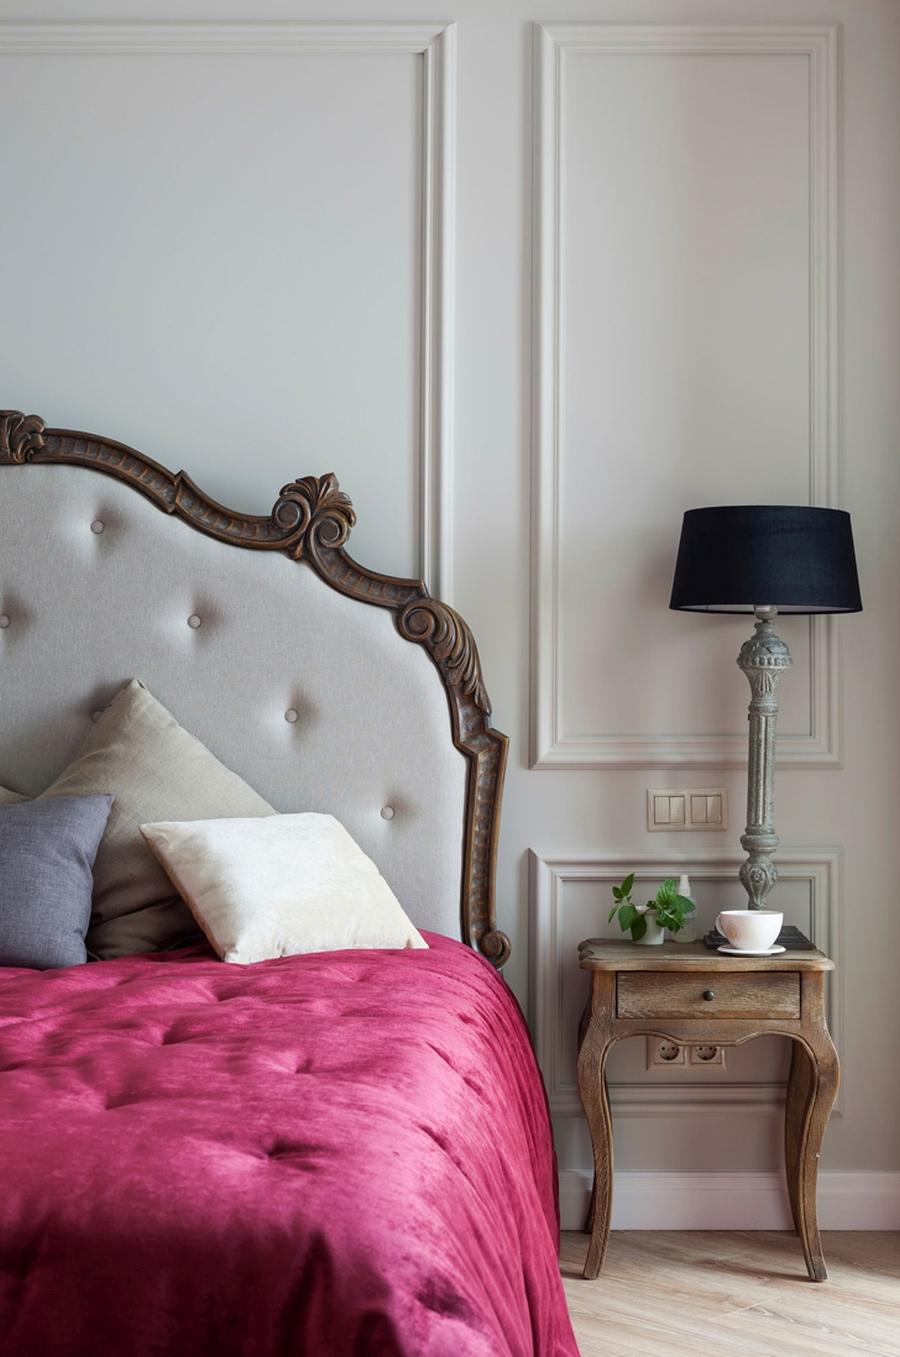 wystrój wnętrz, wnętrza, urządzanie mieszkania, dom, home decor, dekoracje, aranżacje, house, styl francuski, French style, styl klasyczny, klasyka, classic style, grey, szarość, szary, salon, kuchnia, kitchen, elegancja, chic, elegant